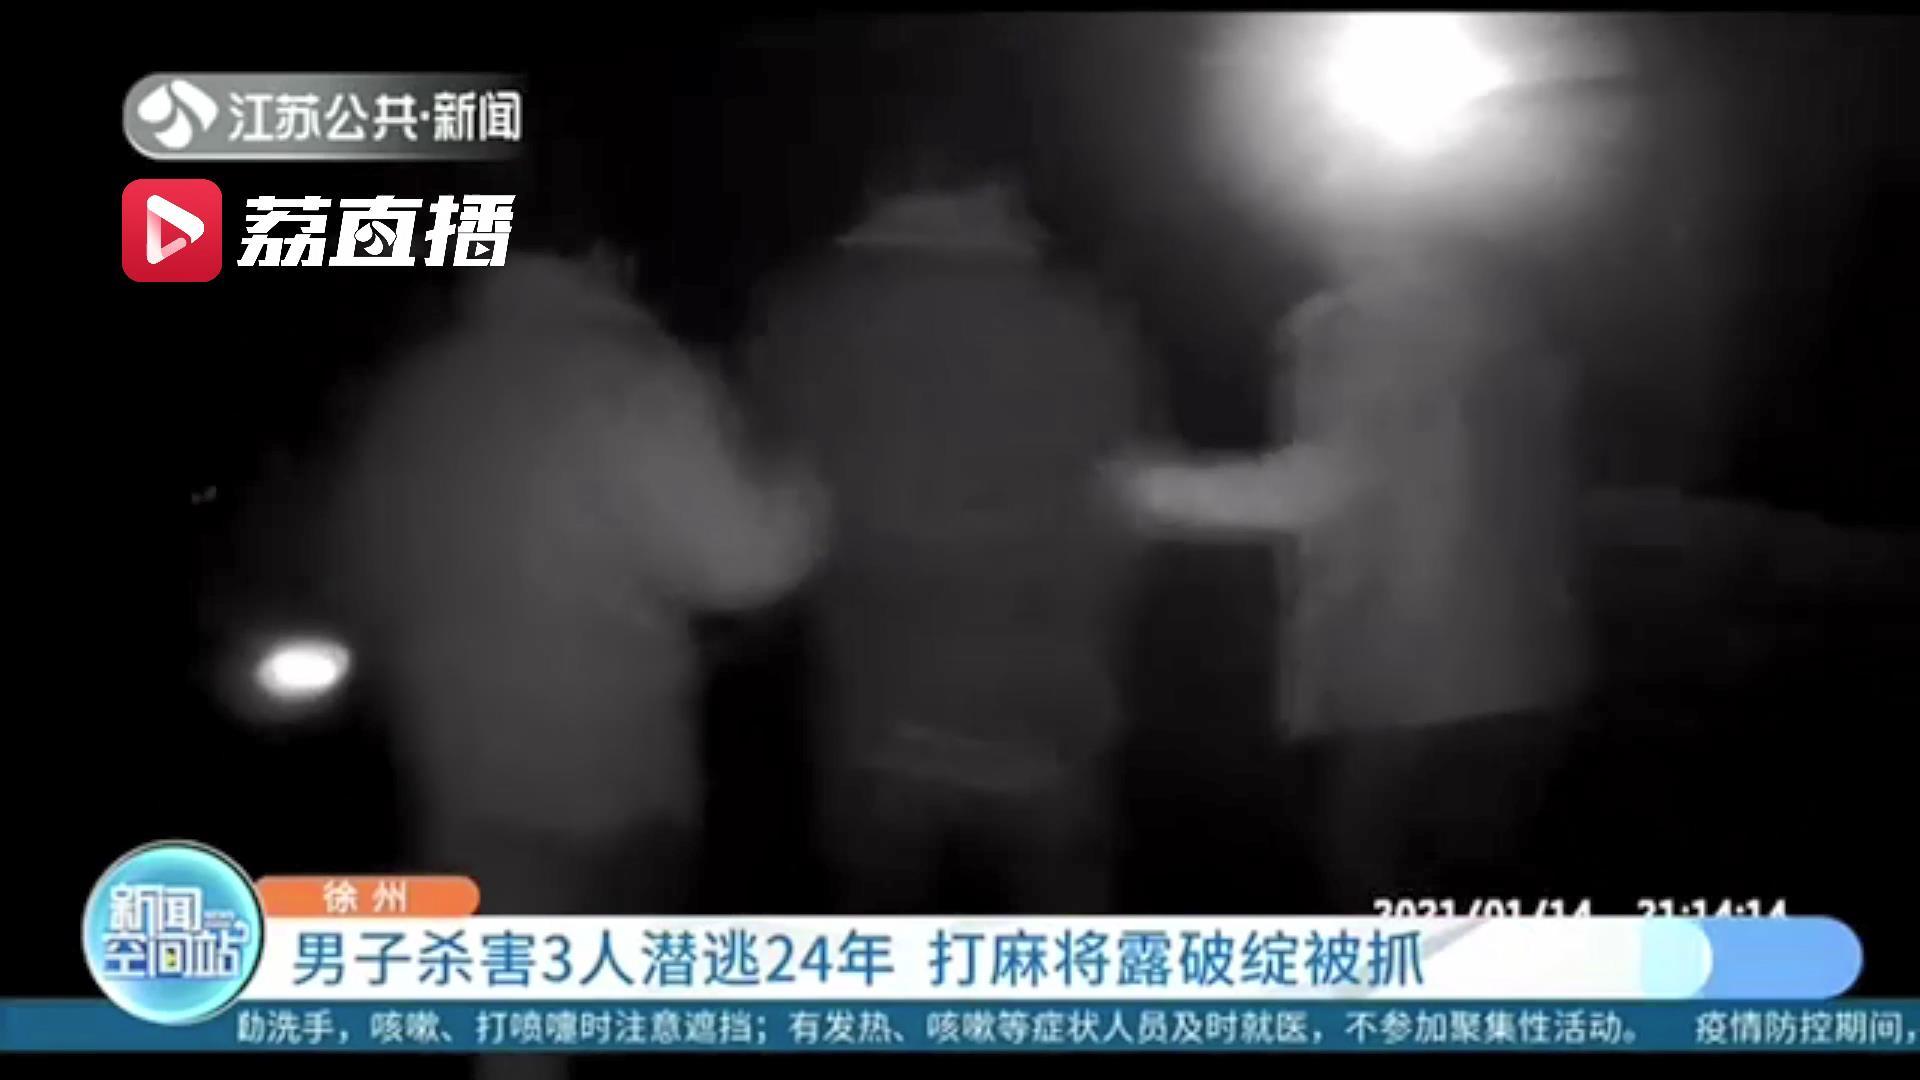 河南男子潜逃24年 在江苏徐州一村子打麻将露破绽 终落网